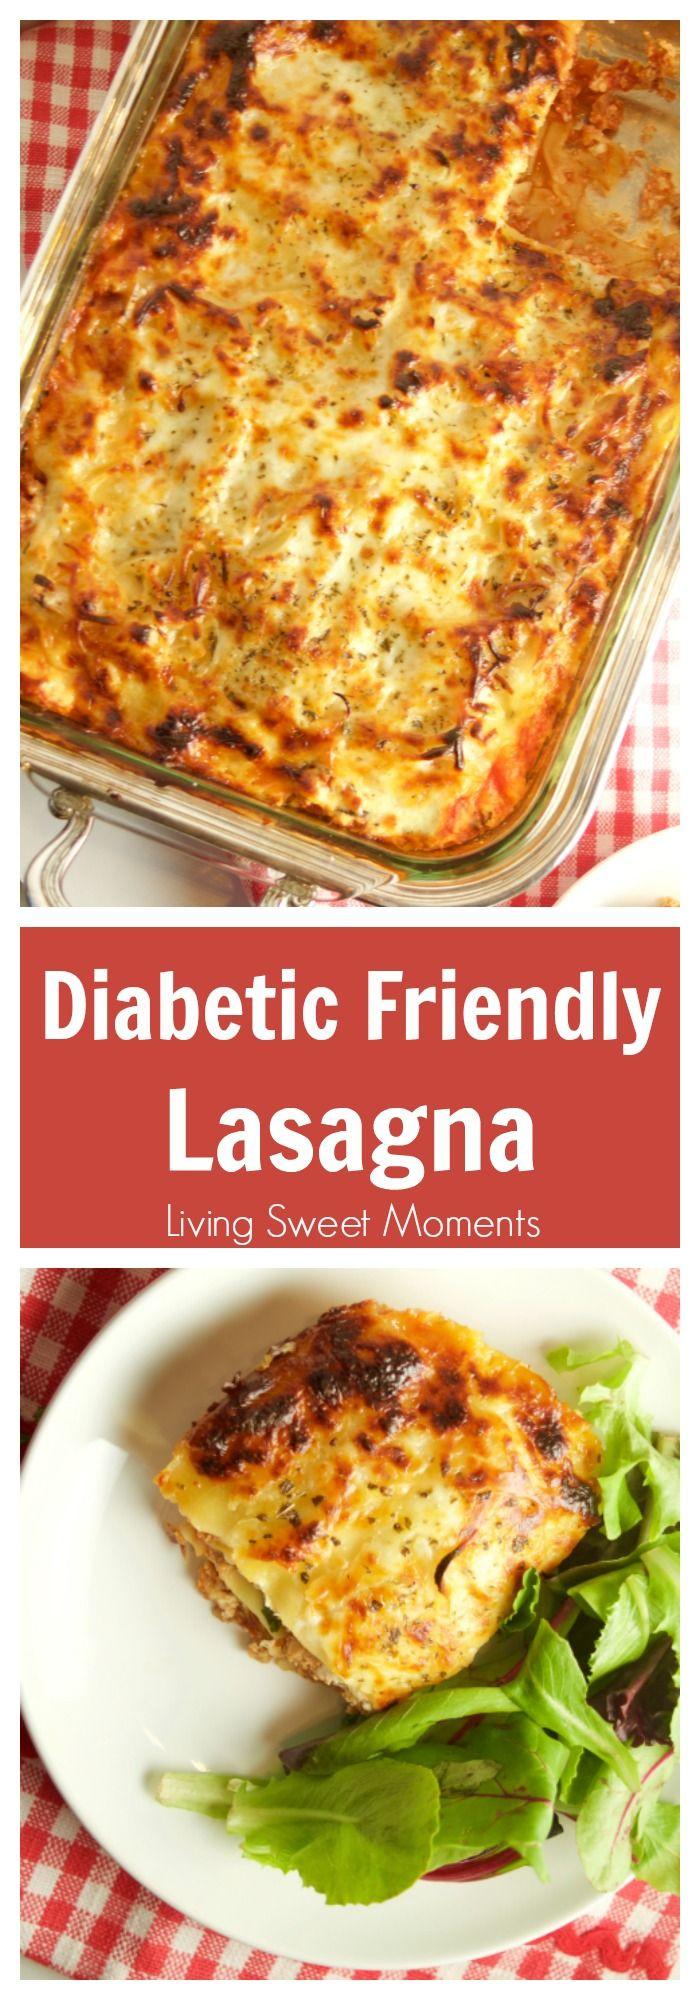 Dinner Recipe For Diabetic  100 Diabetic Dinner Recipes on Pinterest